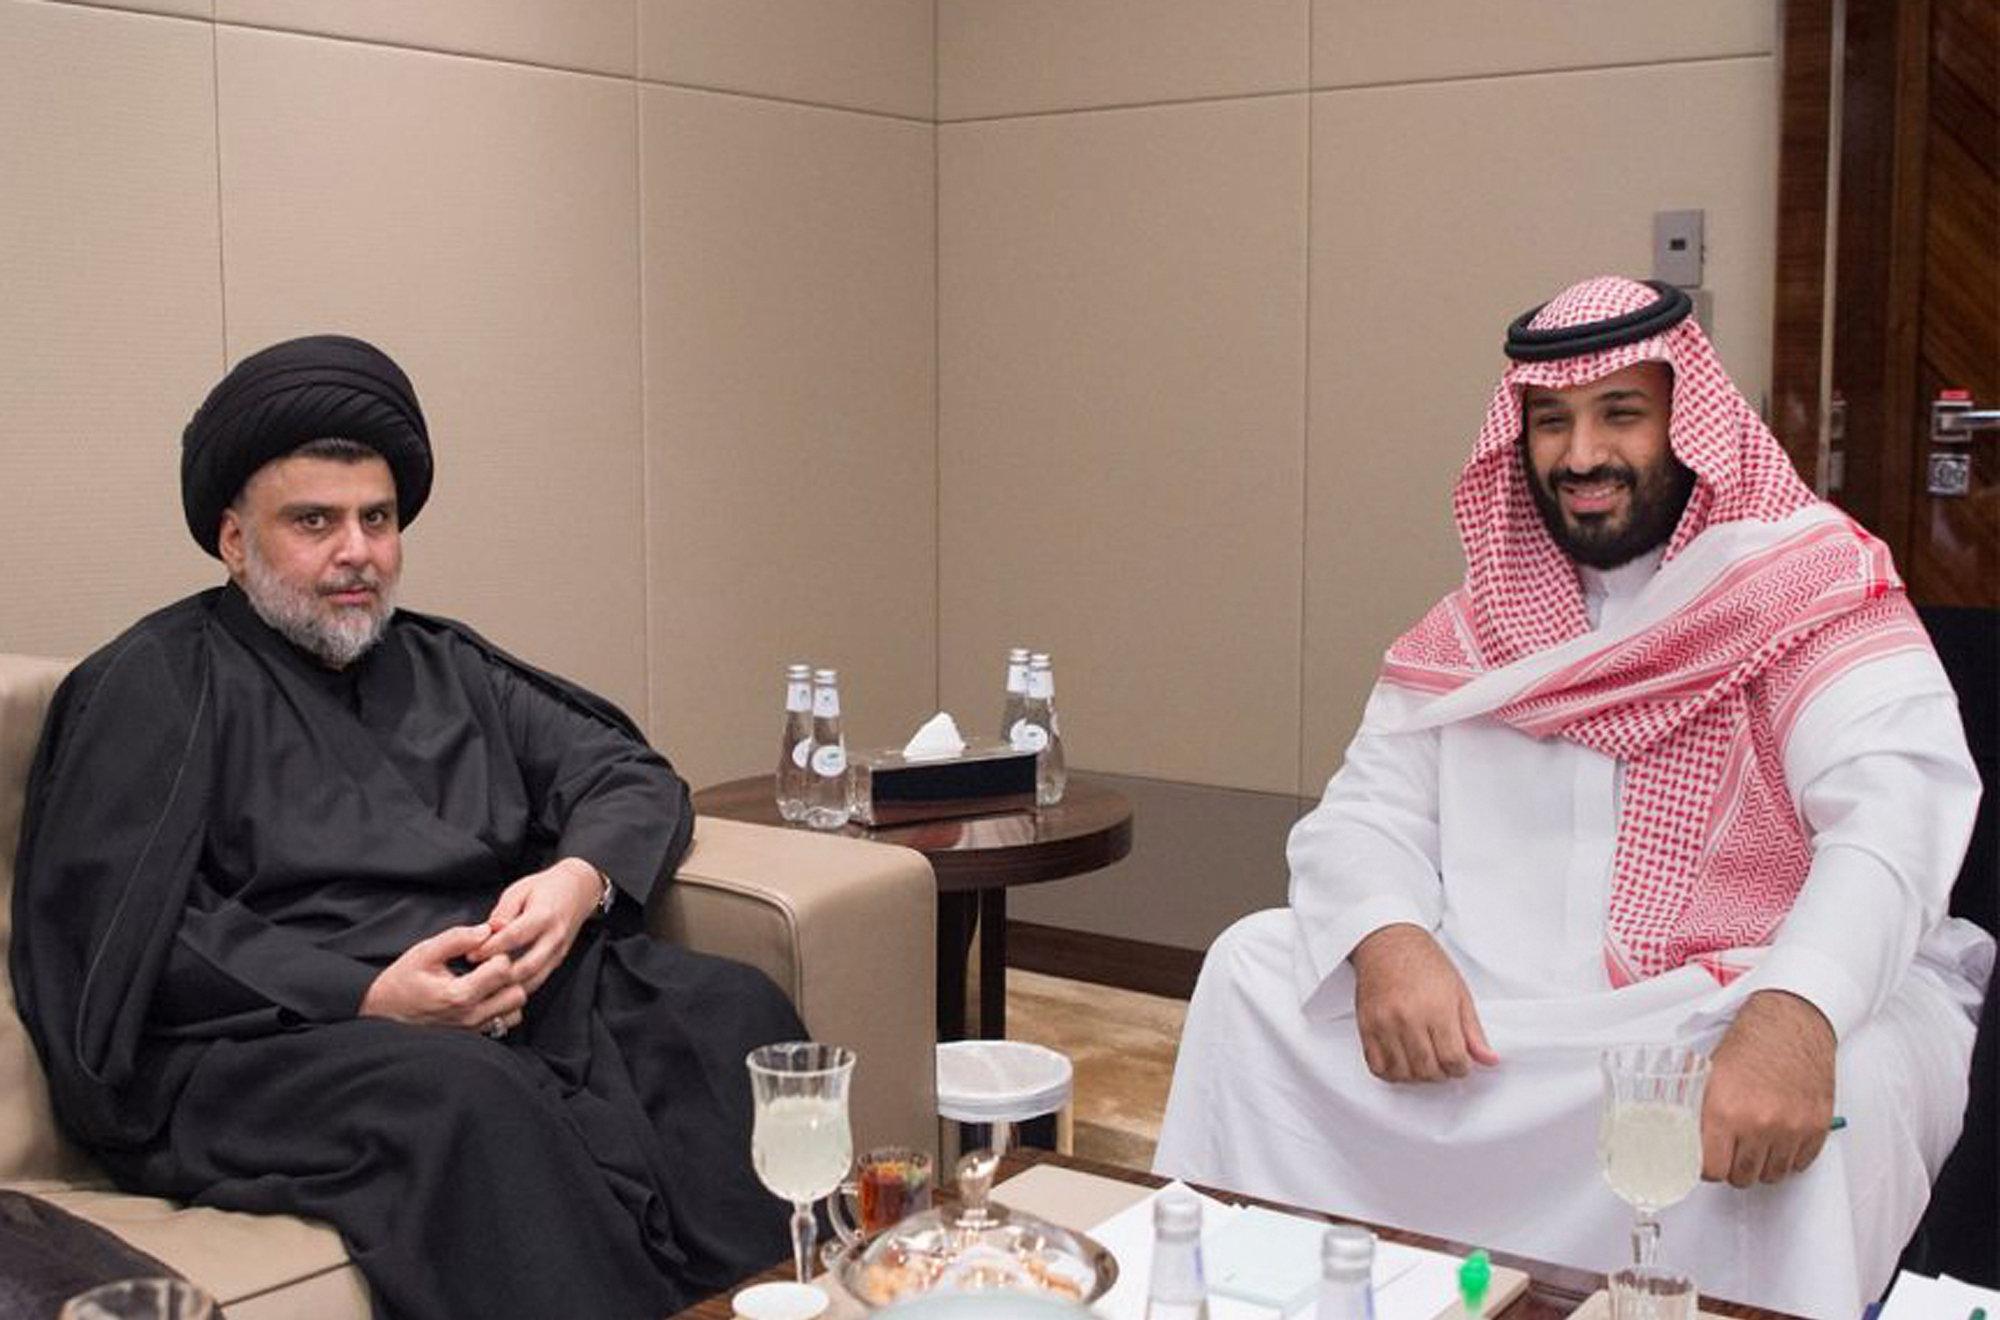 En julio de 2017, el príncipe heredero saudí Mohamed bin Salmán, seguidor de la rama suní, recibió al influyente clérigo chií Muqtada al Sadr. El extraordinario encuentro fue visto como un intento de reconciliar las dos ramas más influyentes del islam.